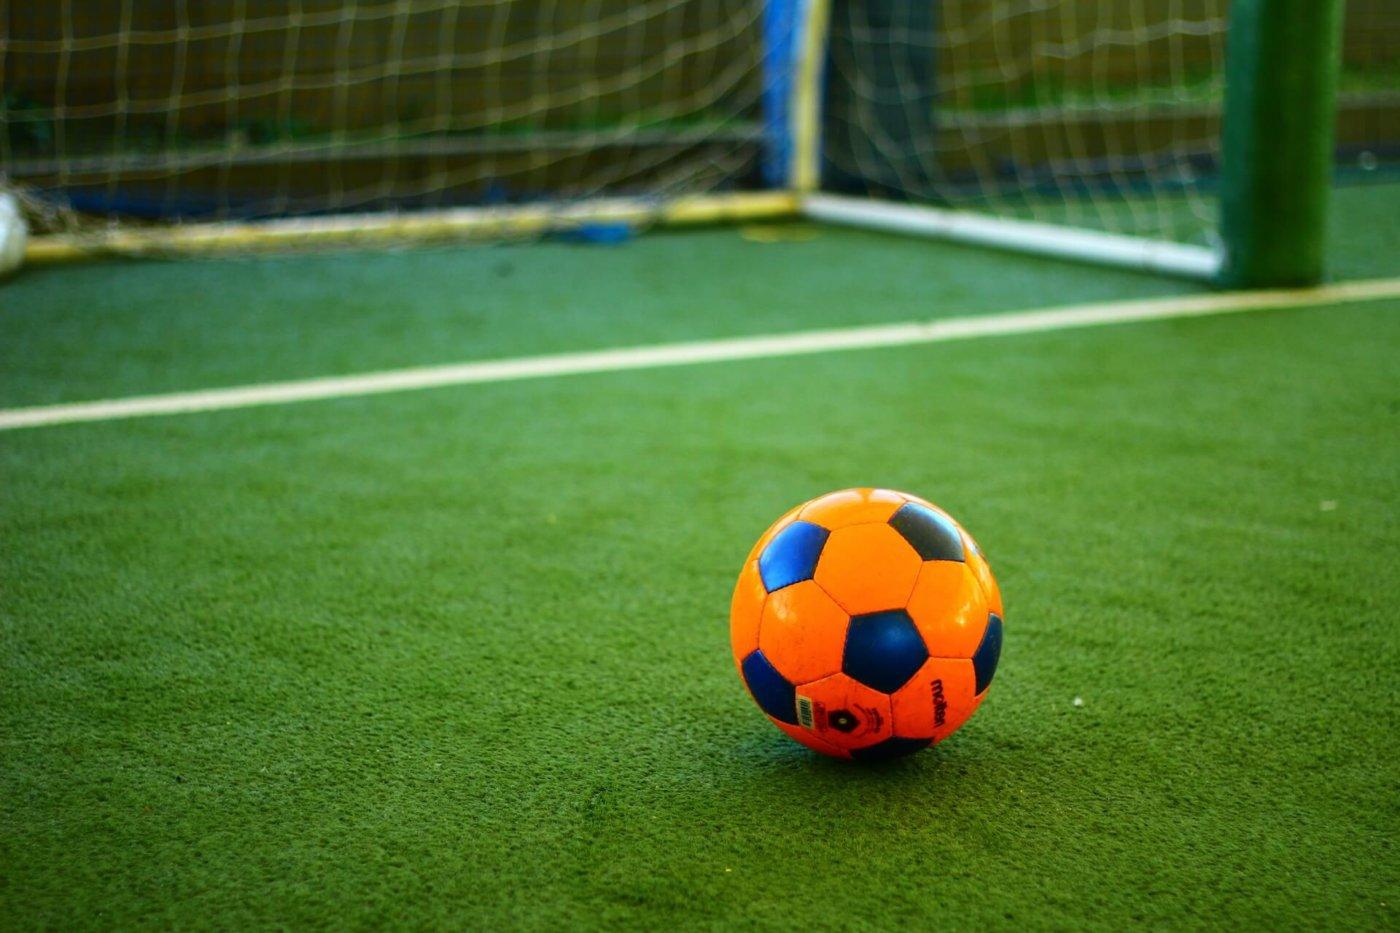 フットサルのボールはどれを使ったらいいの?フットサルボール事情